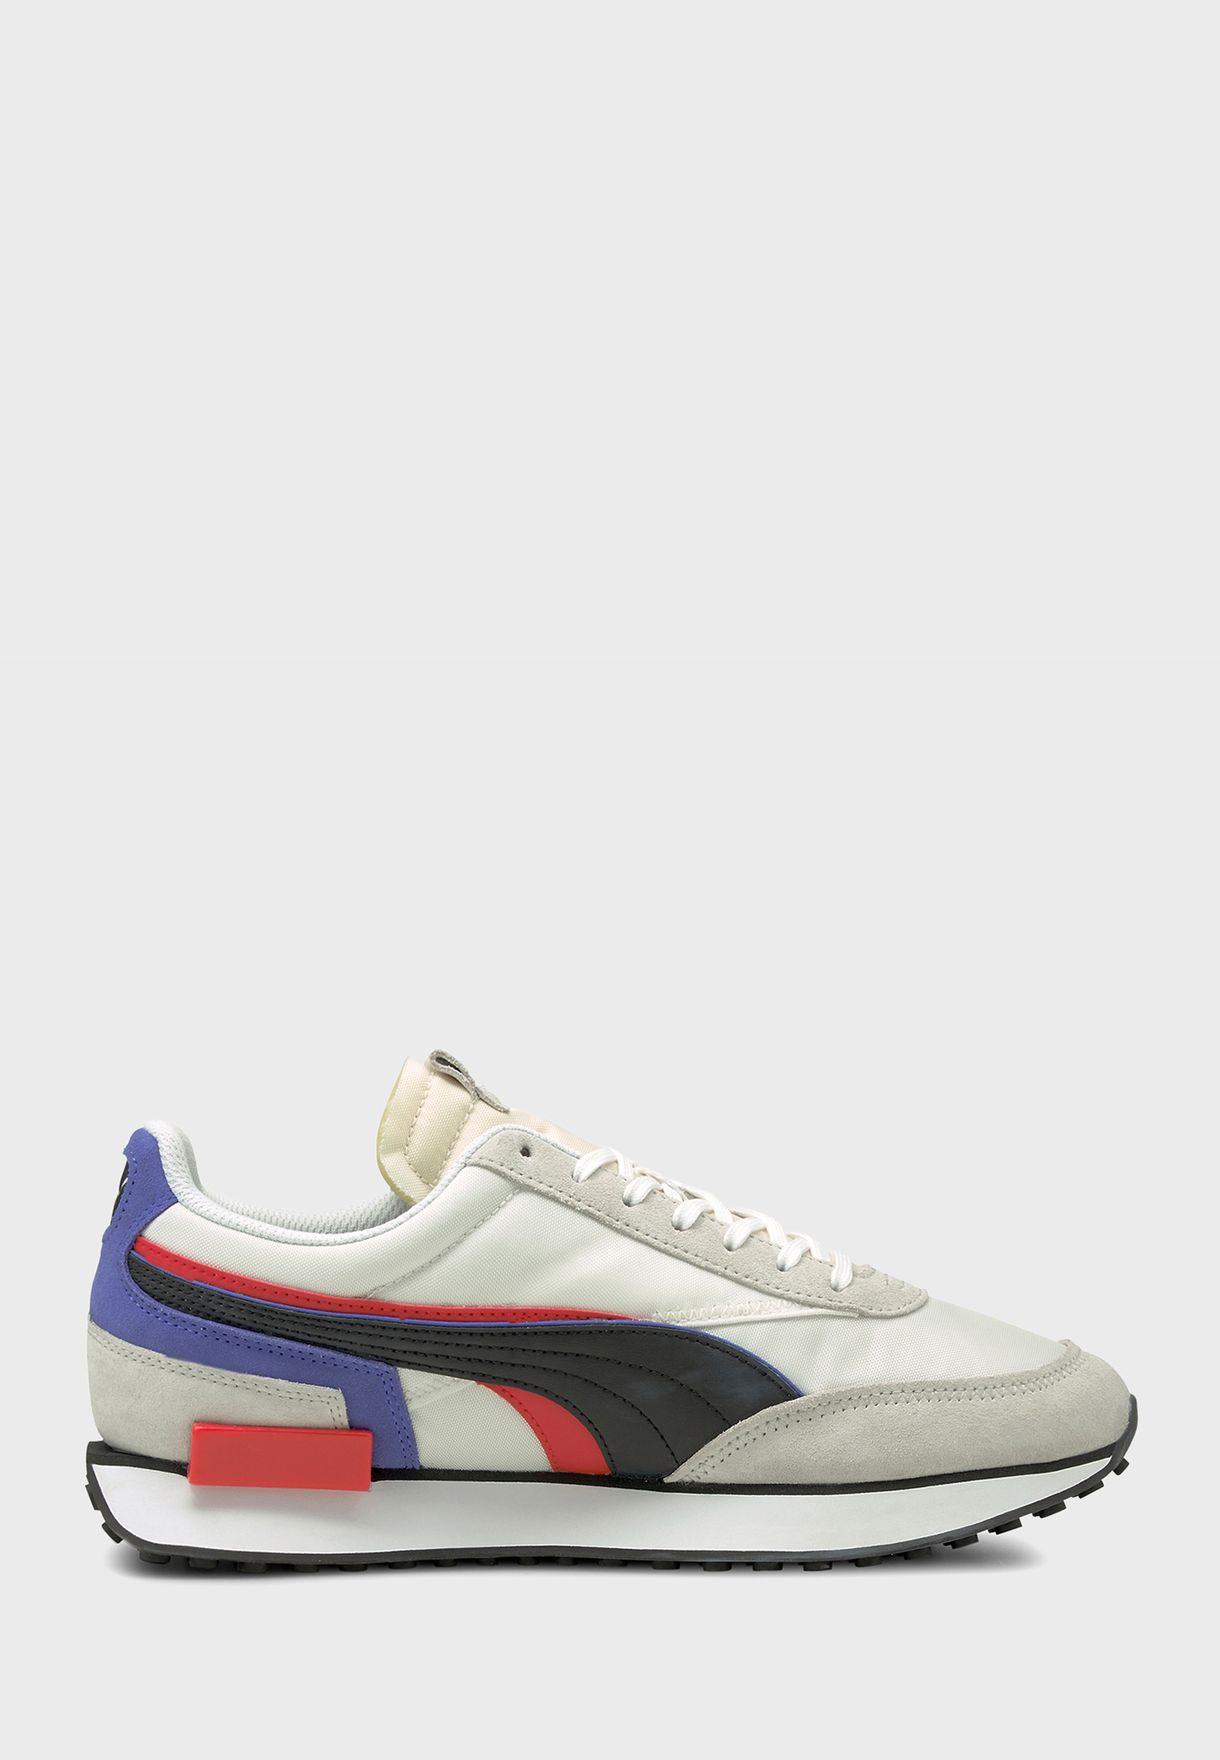 حذاء فيوتشر رايدر دبل